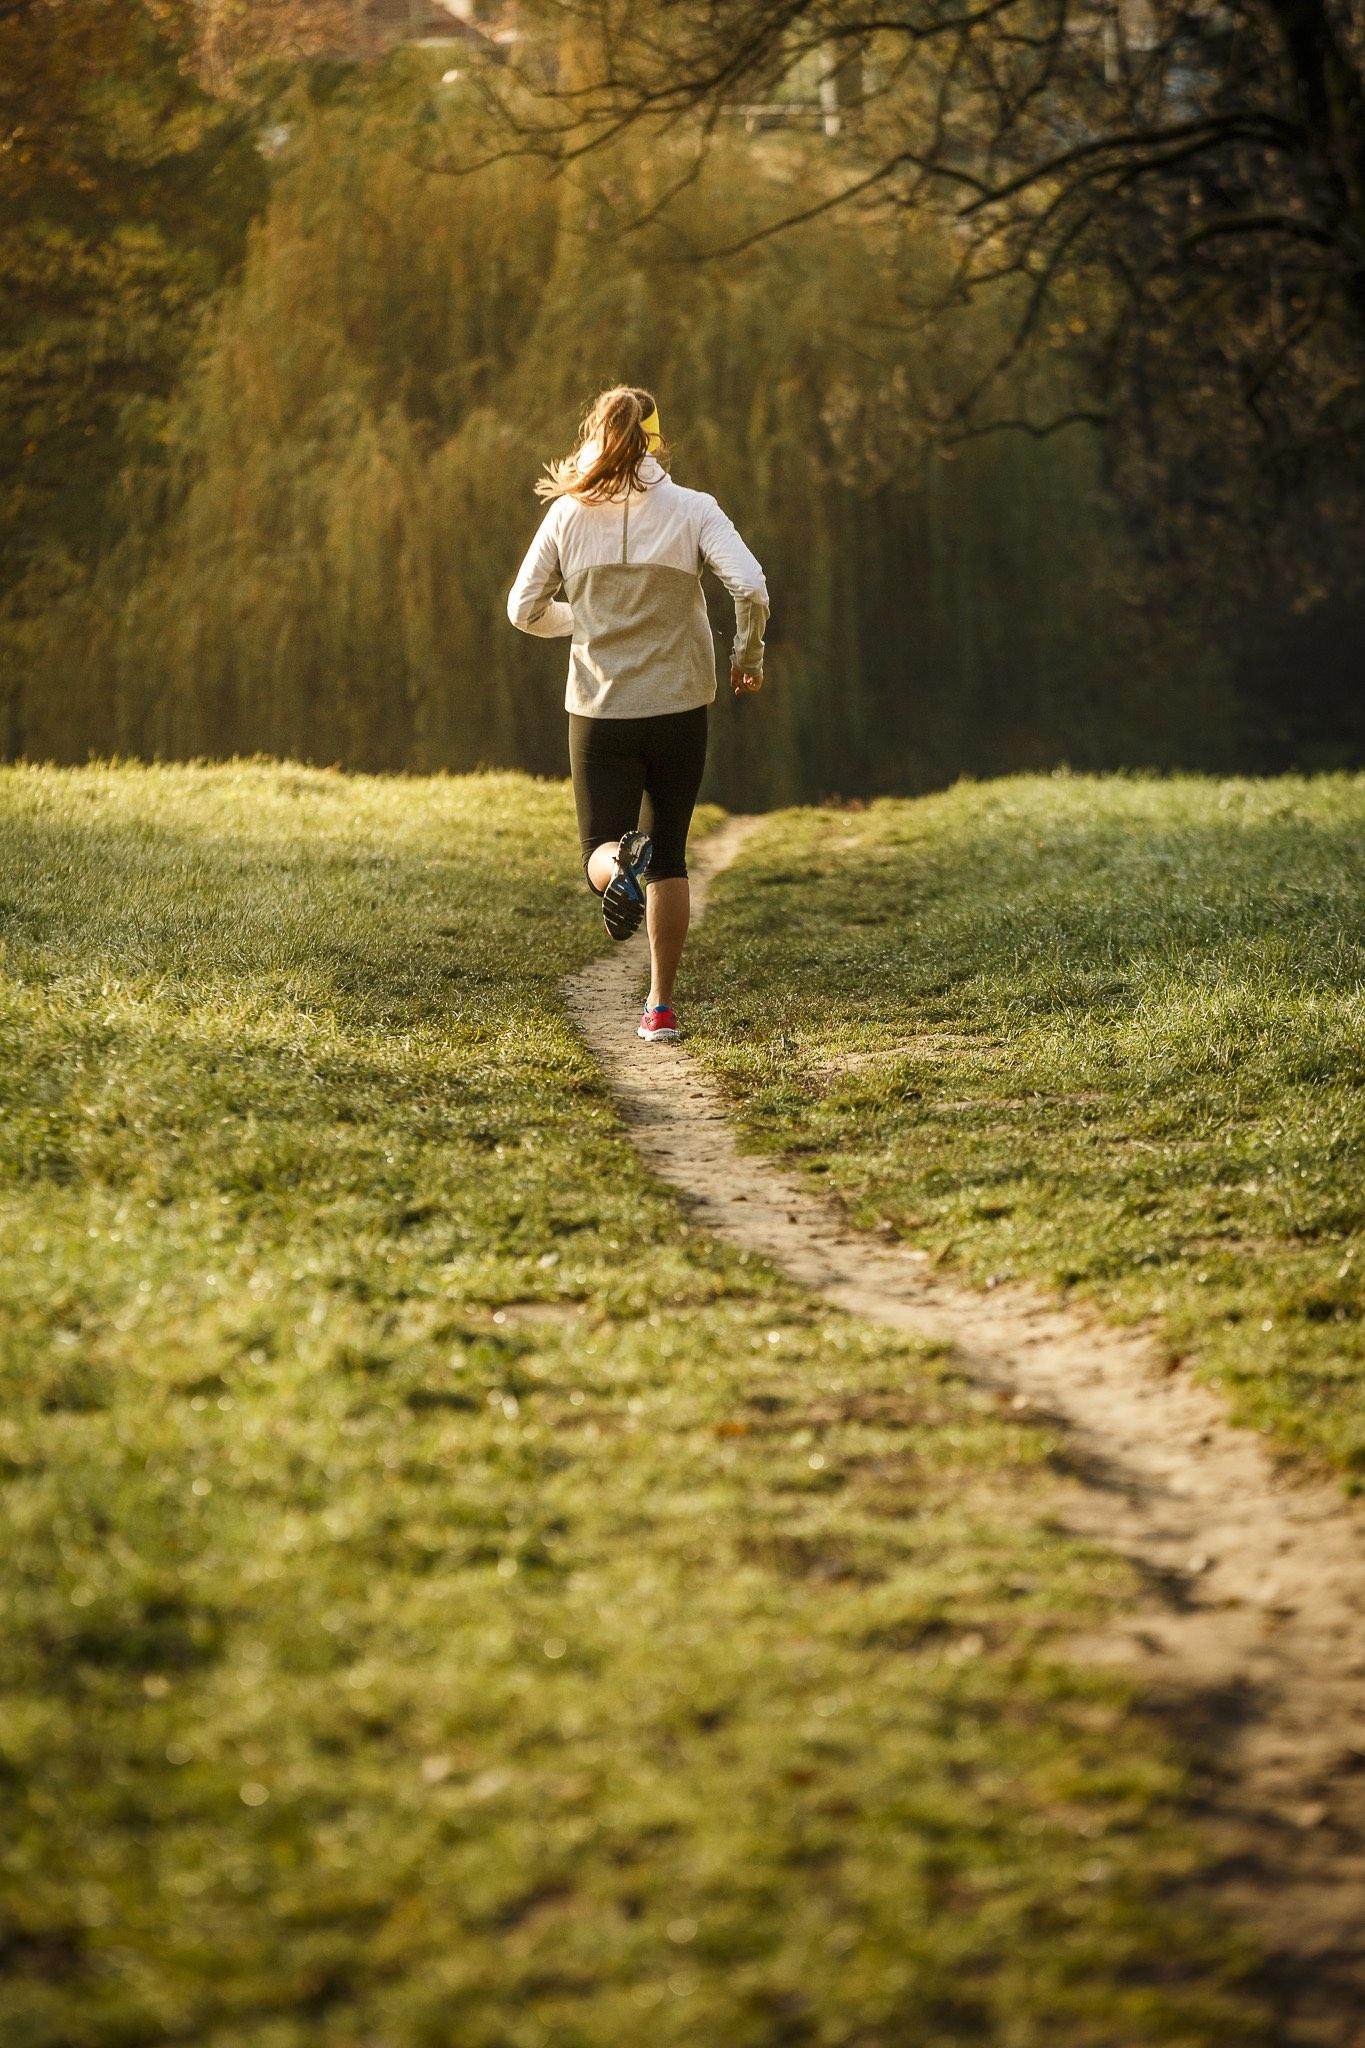 Ausdauertraining (Cardio) - Warum ist es wichtig und wofür